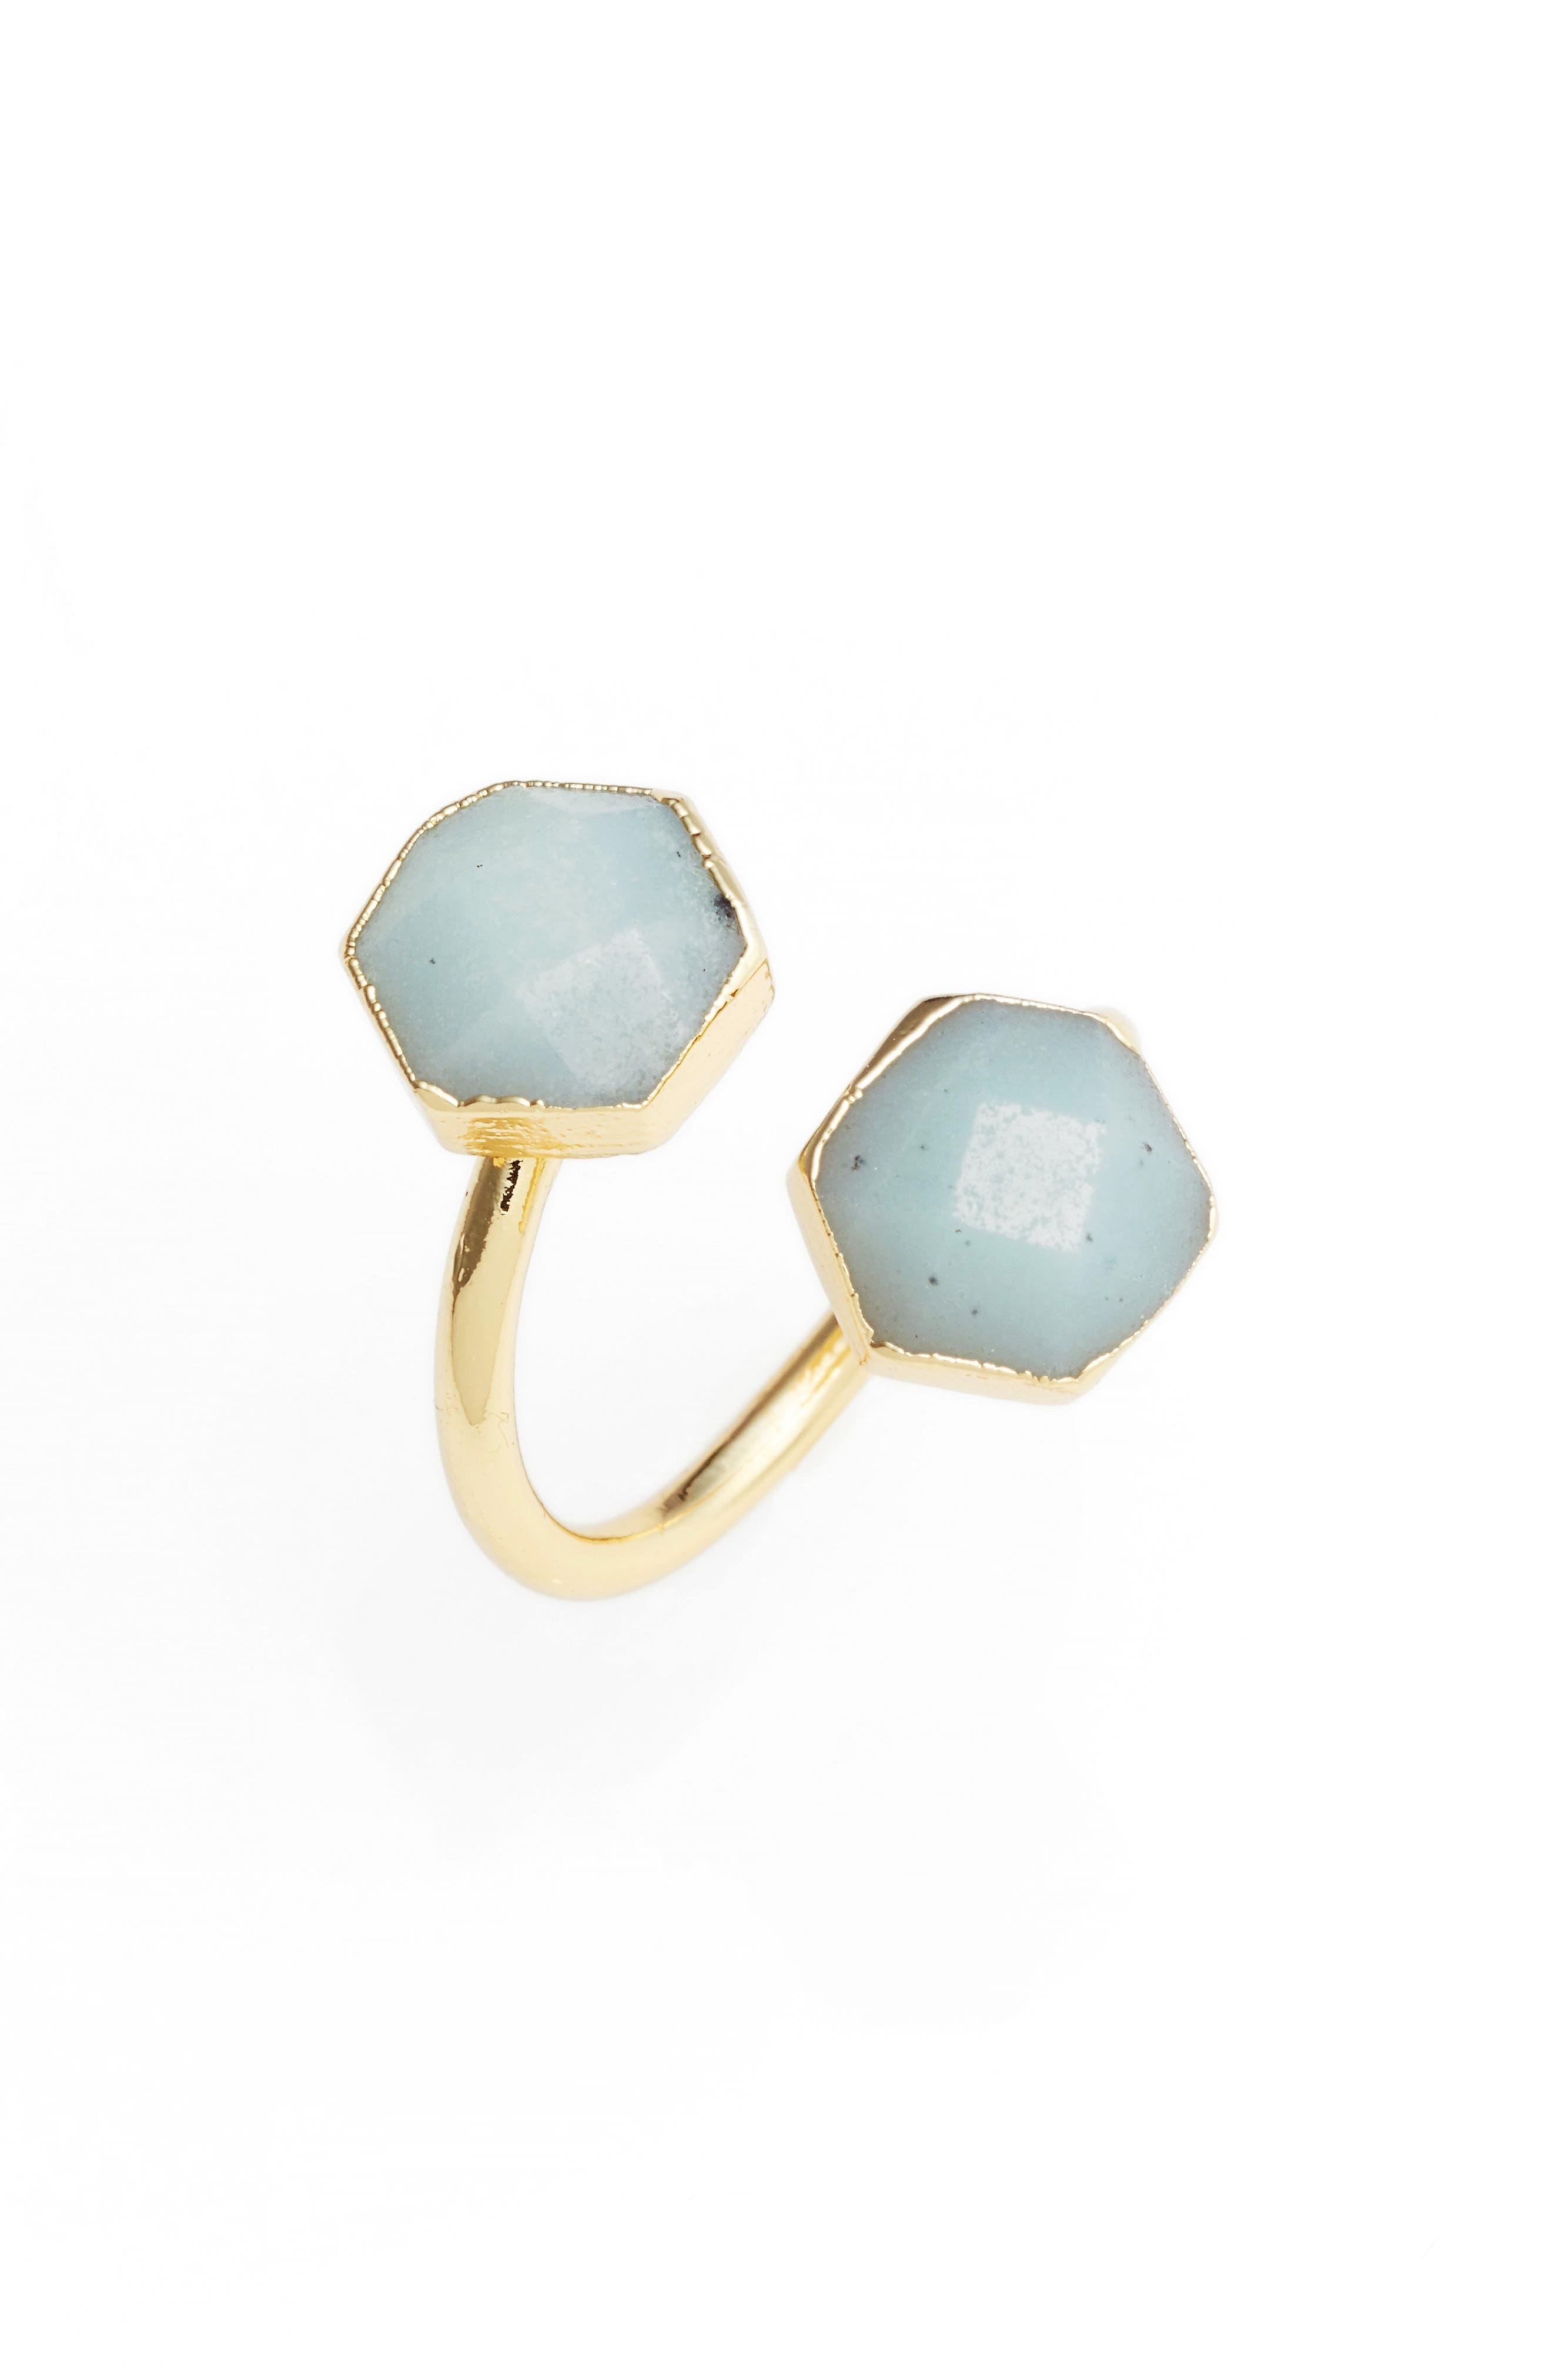 Main Image - Elise M. Arabesque Semiprecious Stone Adjustable Ring